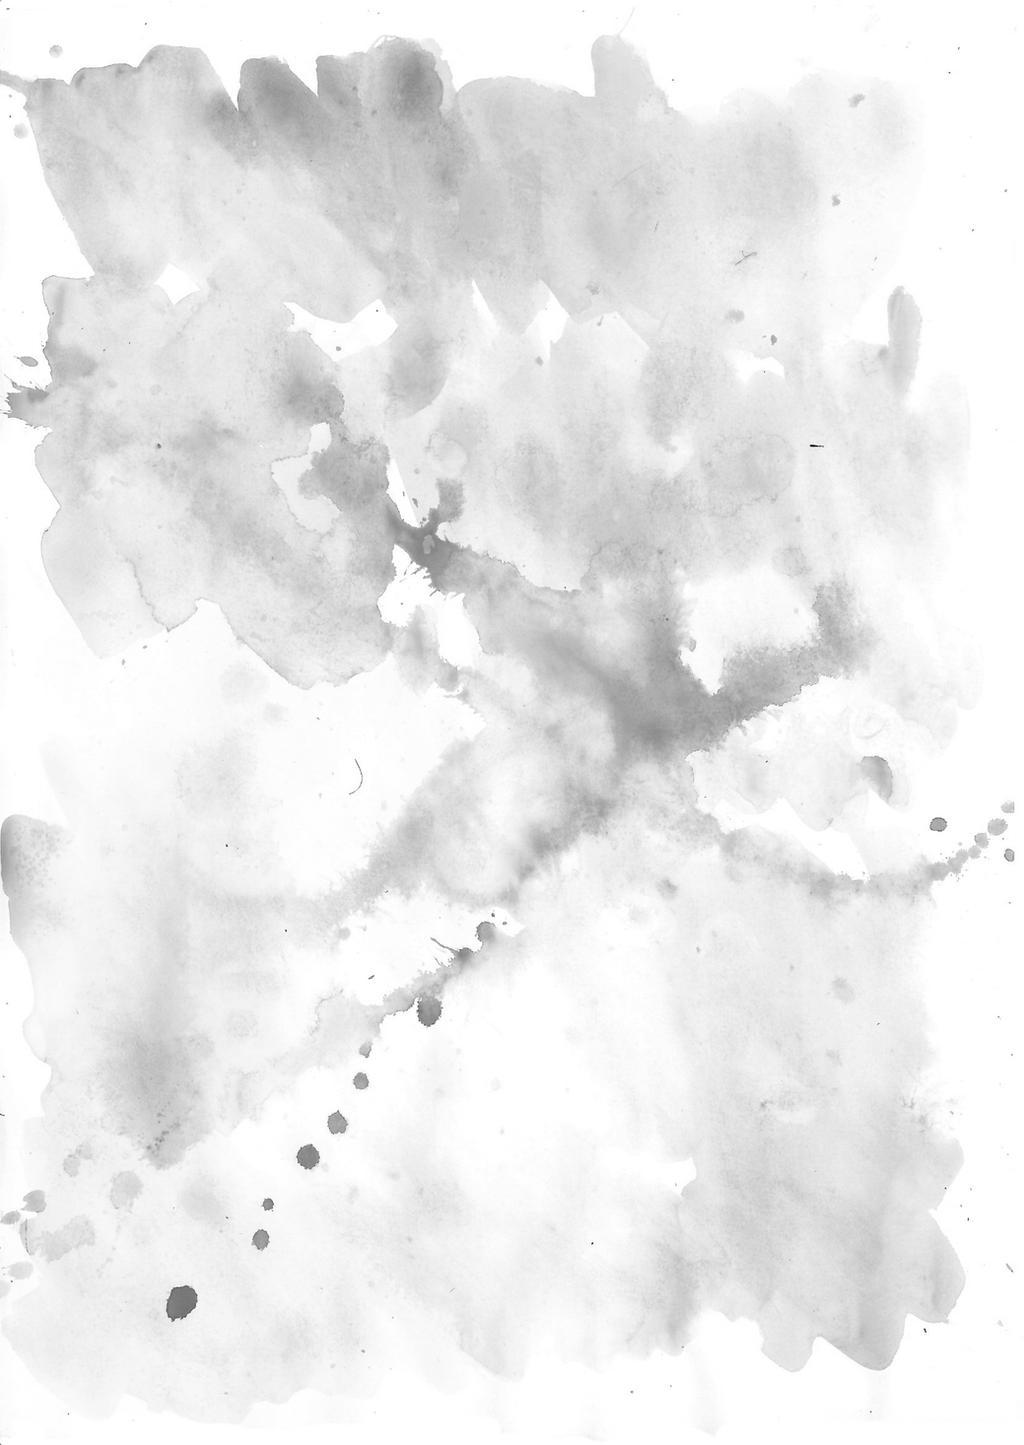 Black And White Watercolour Texture By Louiseathorrorlane On